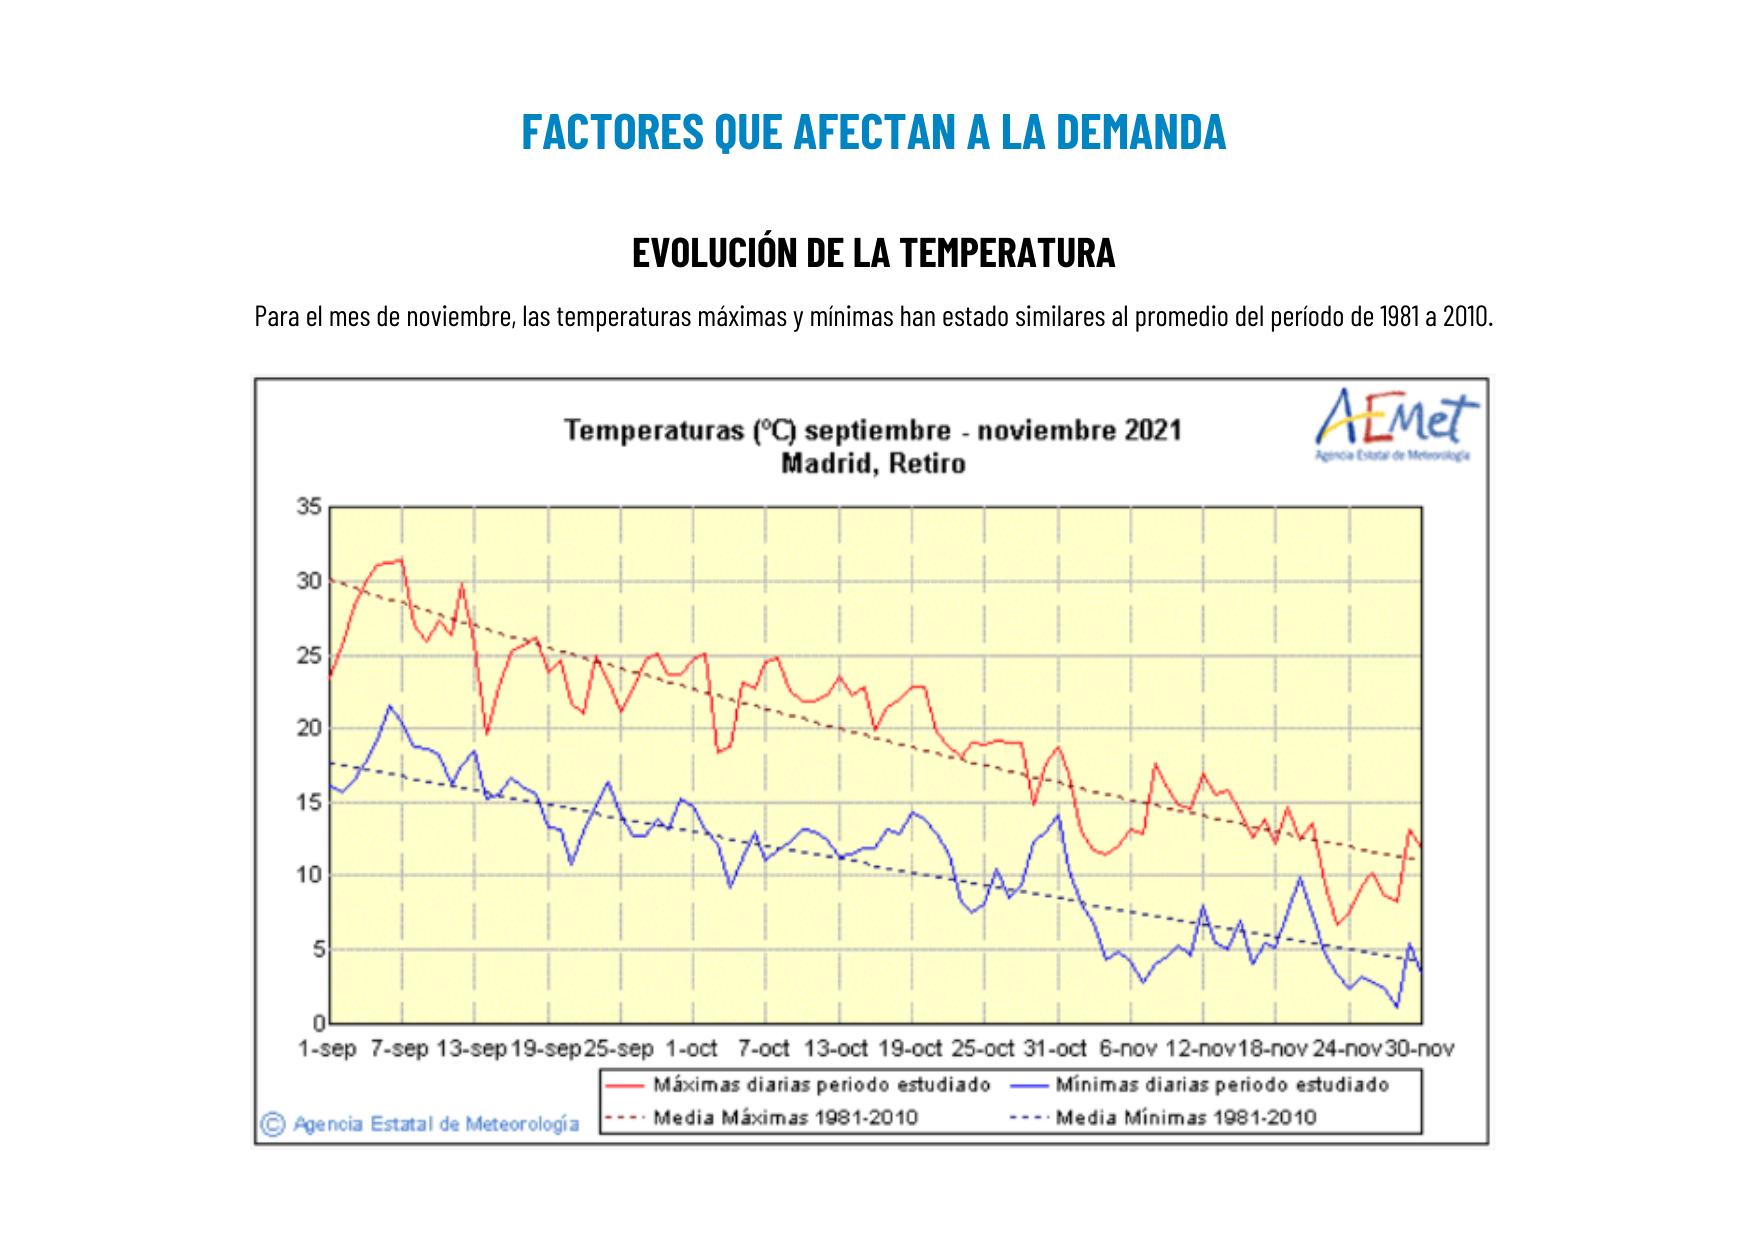 gráfica sobre las temperaturas